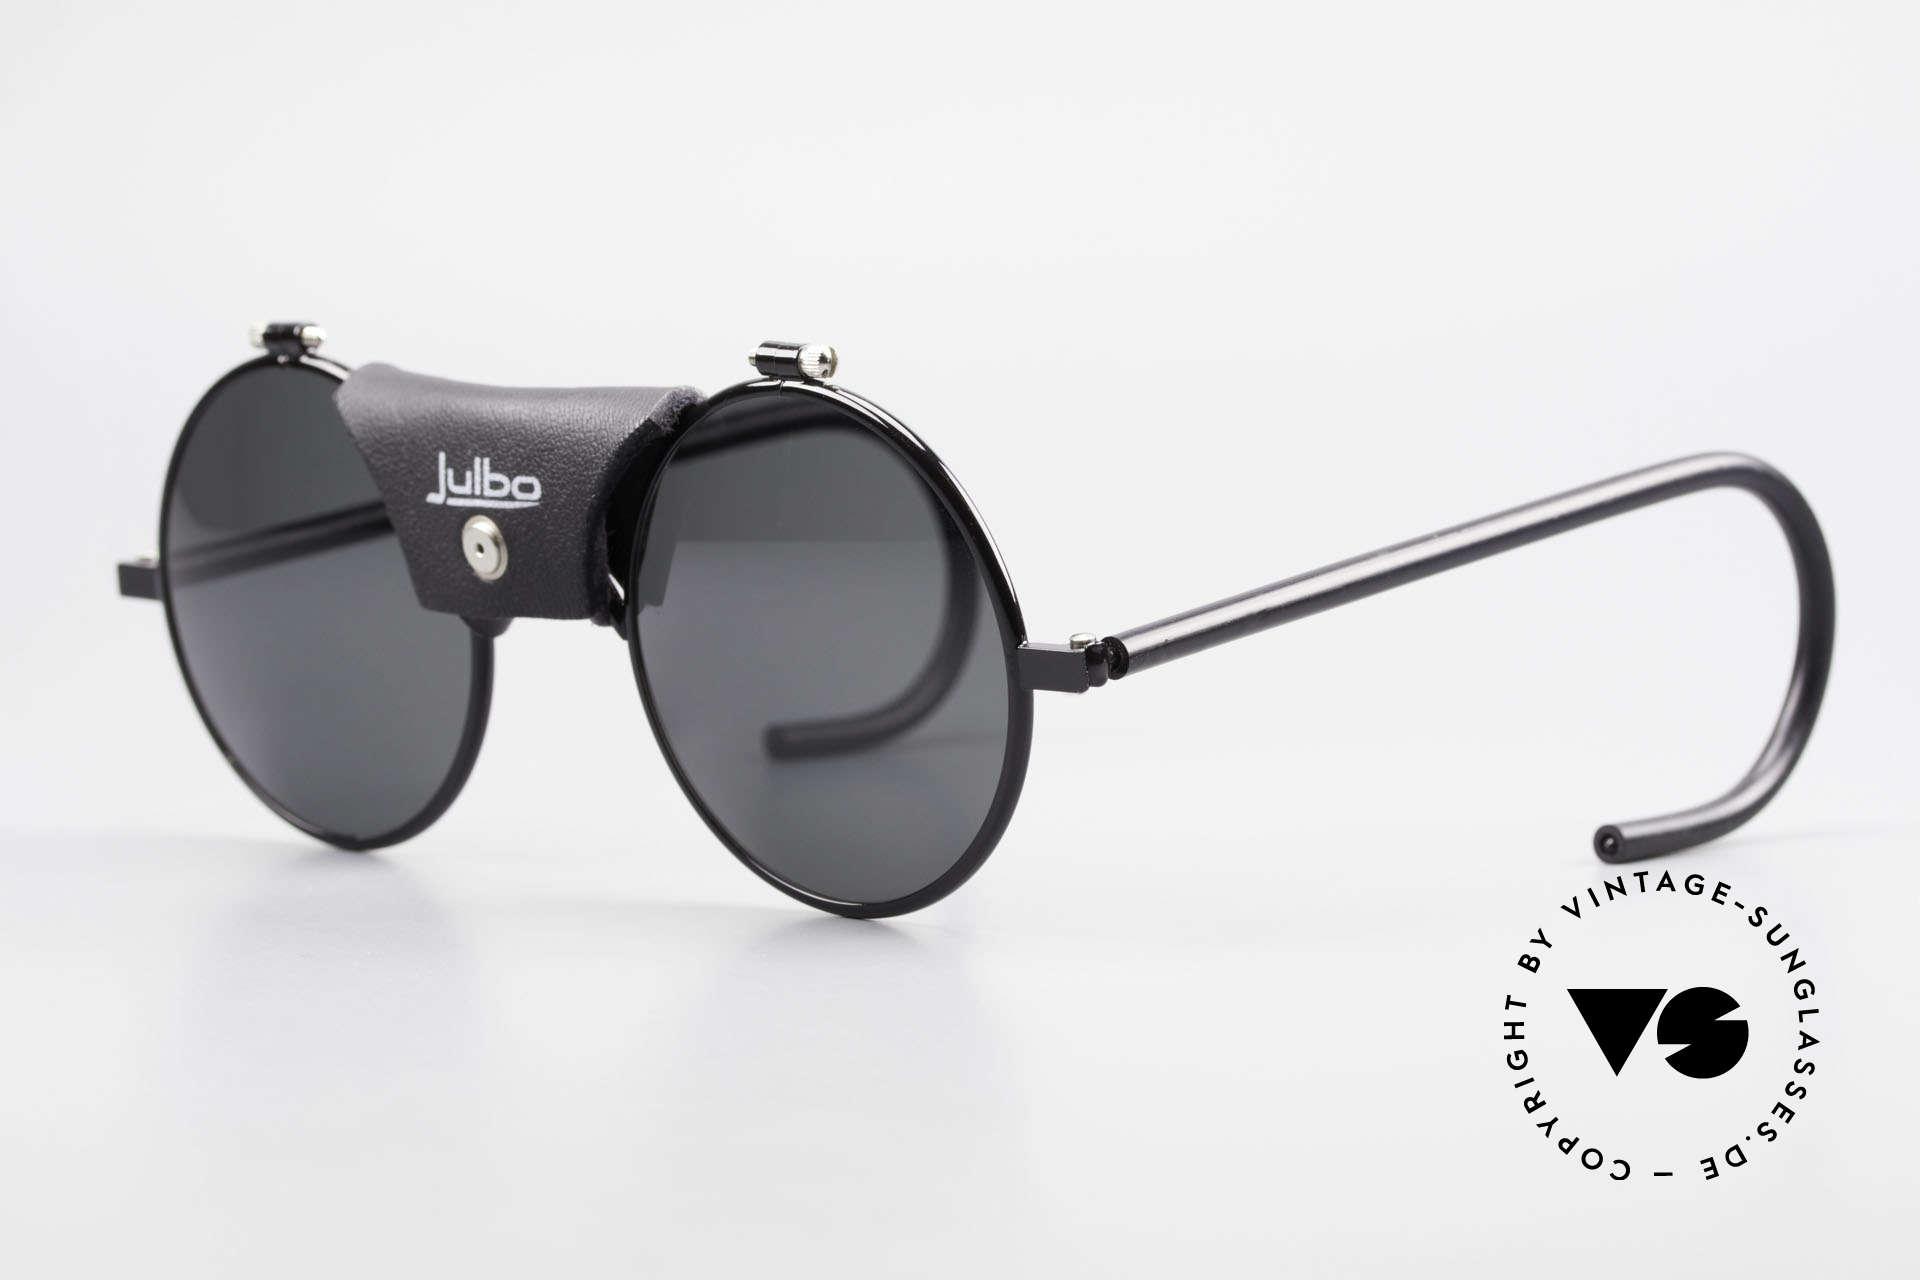 Julbo Vermont Runde Sport Sonnenbrille 90er, sehr stabile Metallfassung mit flexiblen Sport-Bügeln, Passend für Herren